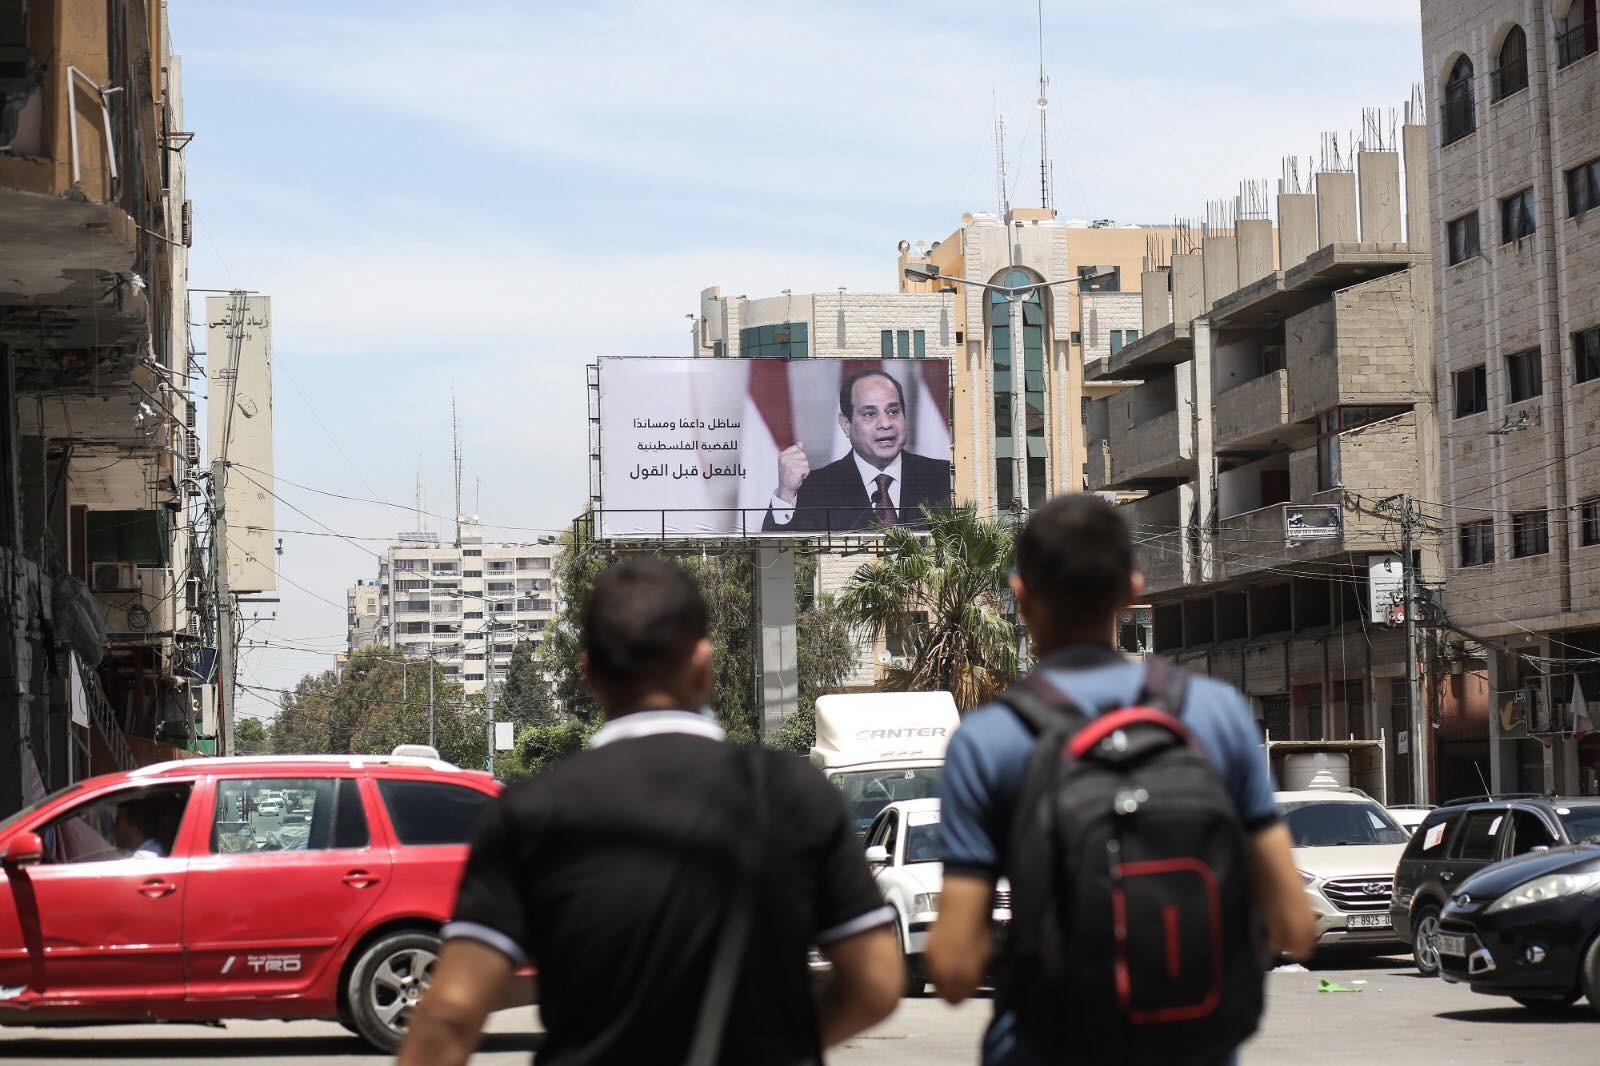 الرئيس المصري عبدالفتاح السيسي في غزة.jpg